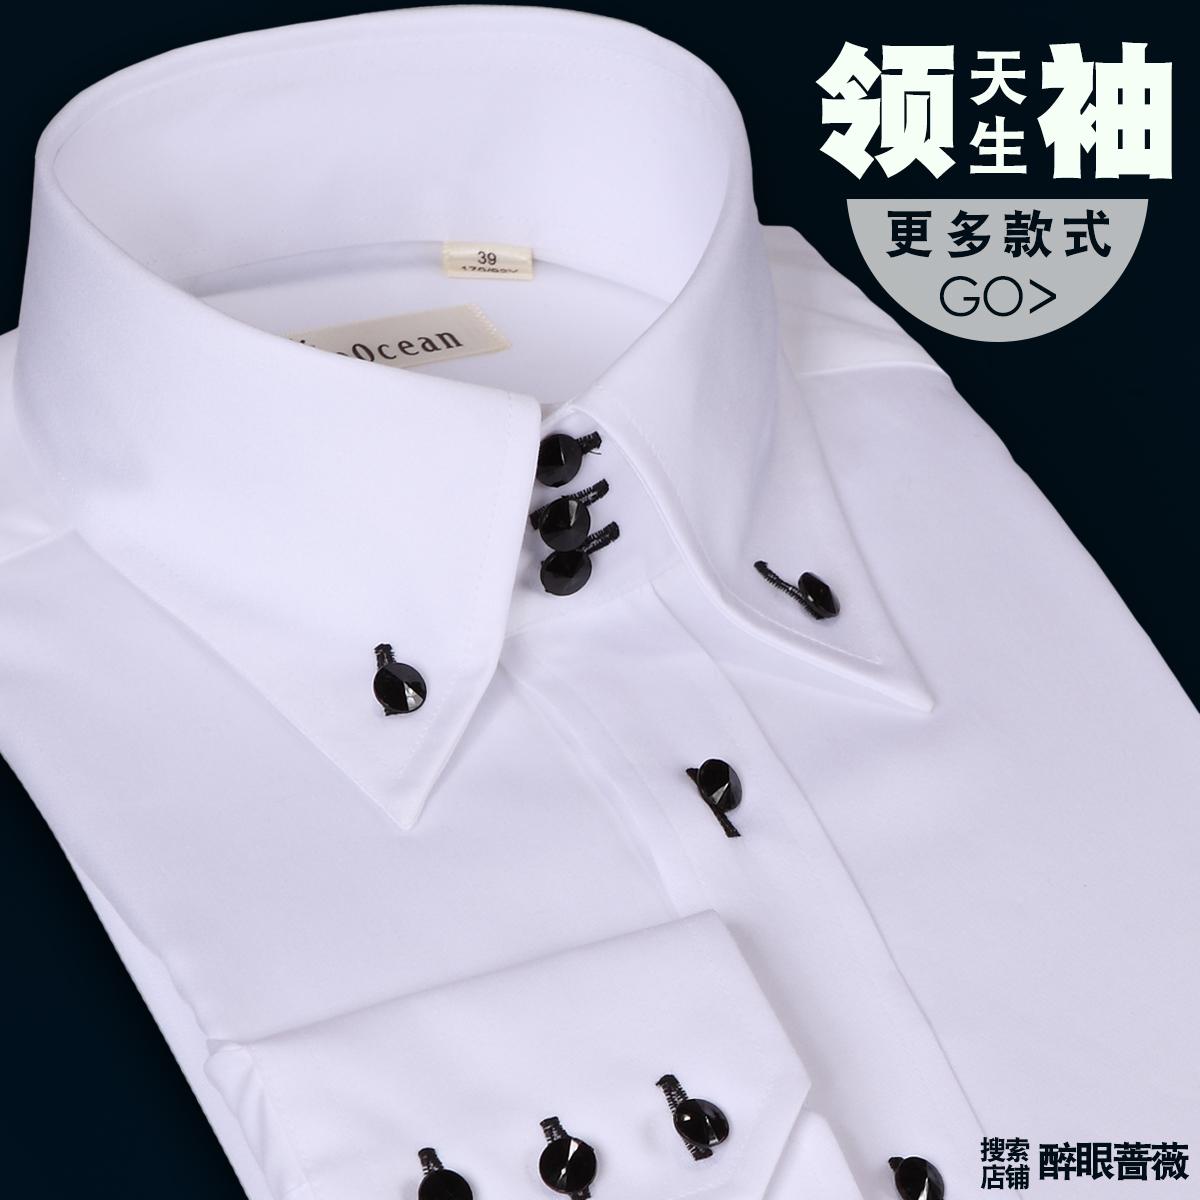 男士商务衬衫 深海丝光棉商务绅士男装白衬衫男士高领长袖修身春款英伦衬衣礼服_推荐淘宝好看的男商务衬衫